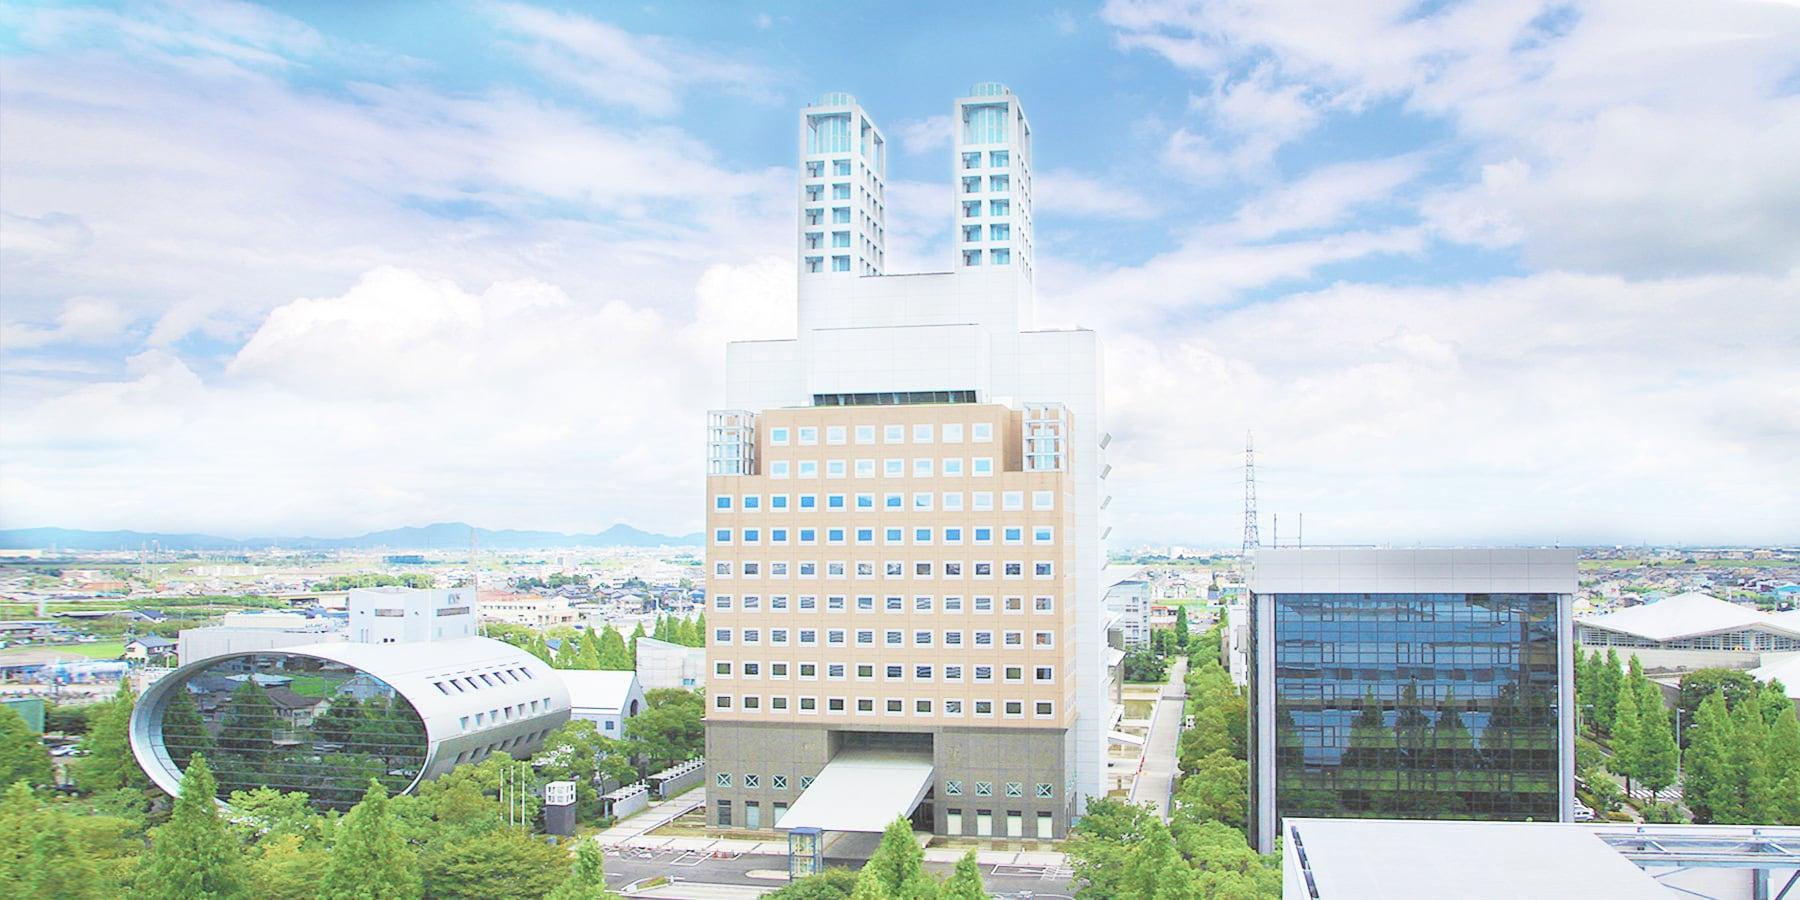 ソフトピアジャパンセンタービル